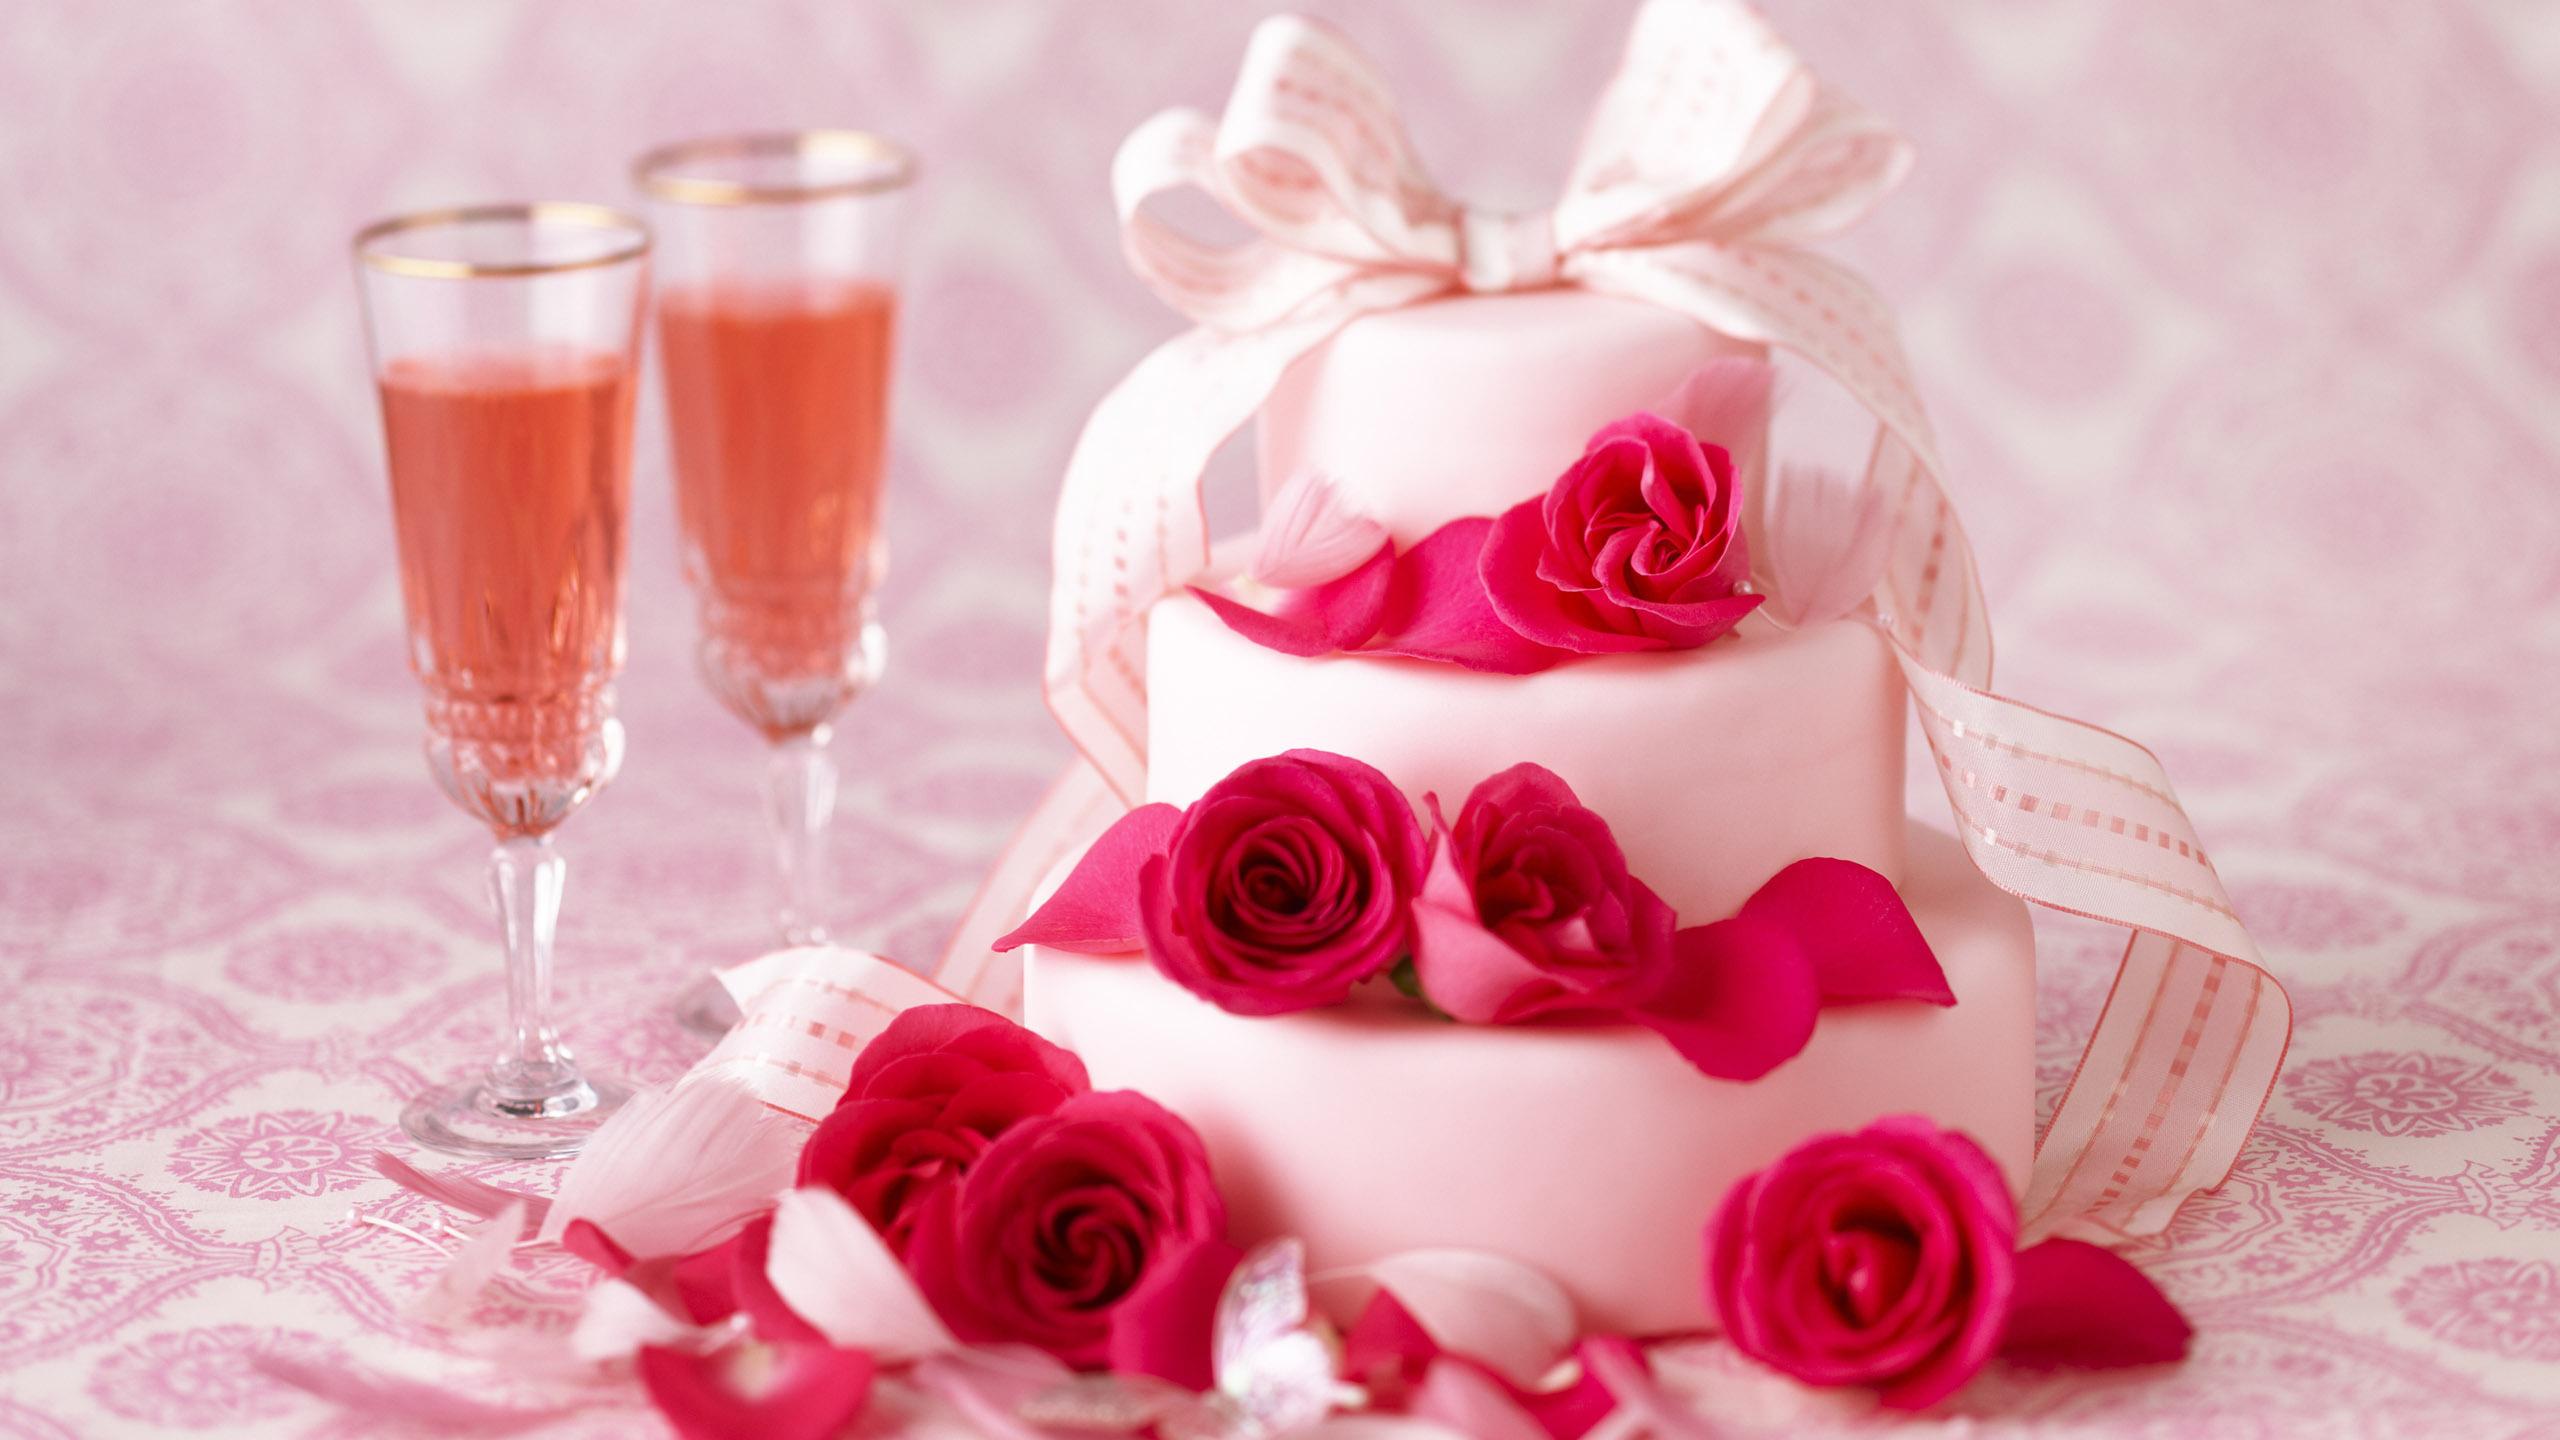 Открытки с днем рождения женщине красивые торт и цветы